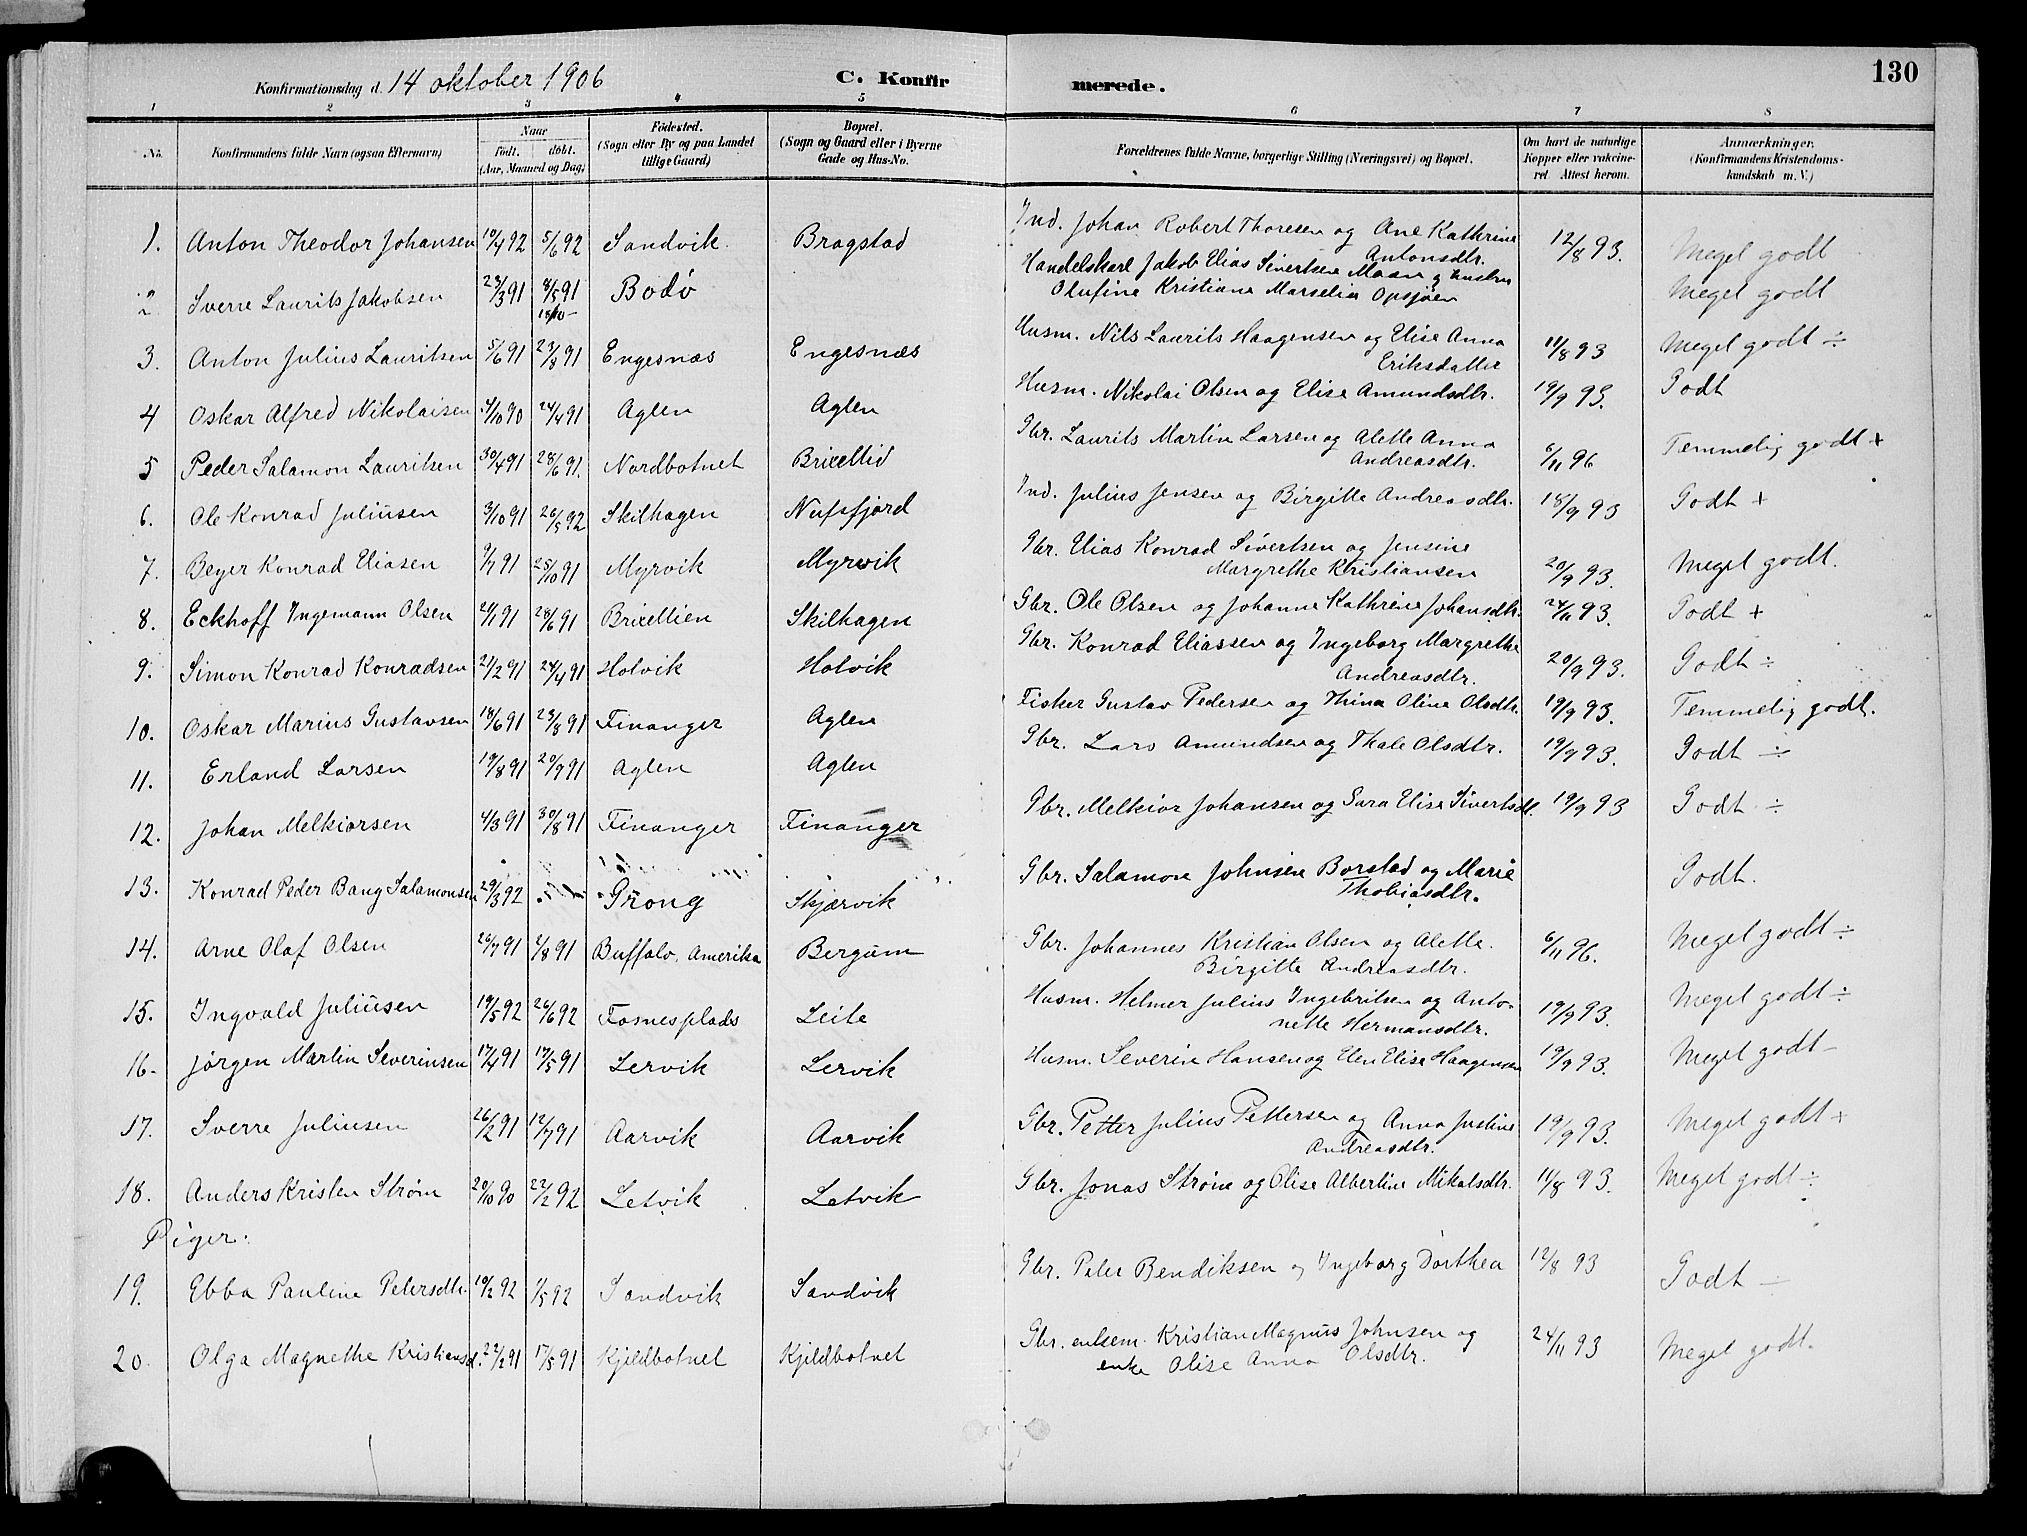 SAT, Ministerialprotokoller, klokkerbøker og fødselsregistre - Nord-Trøndelag, 773/L0617: Ministerialbok nr. 773A08, 1887-1910, s. 130